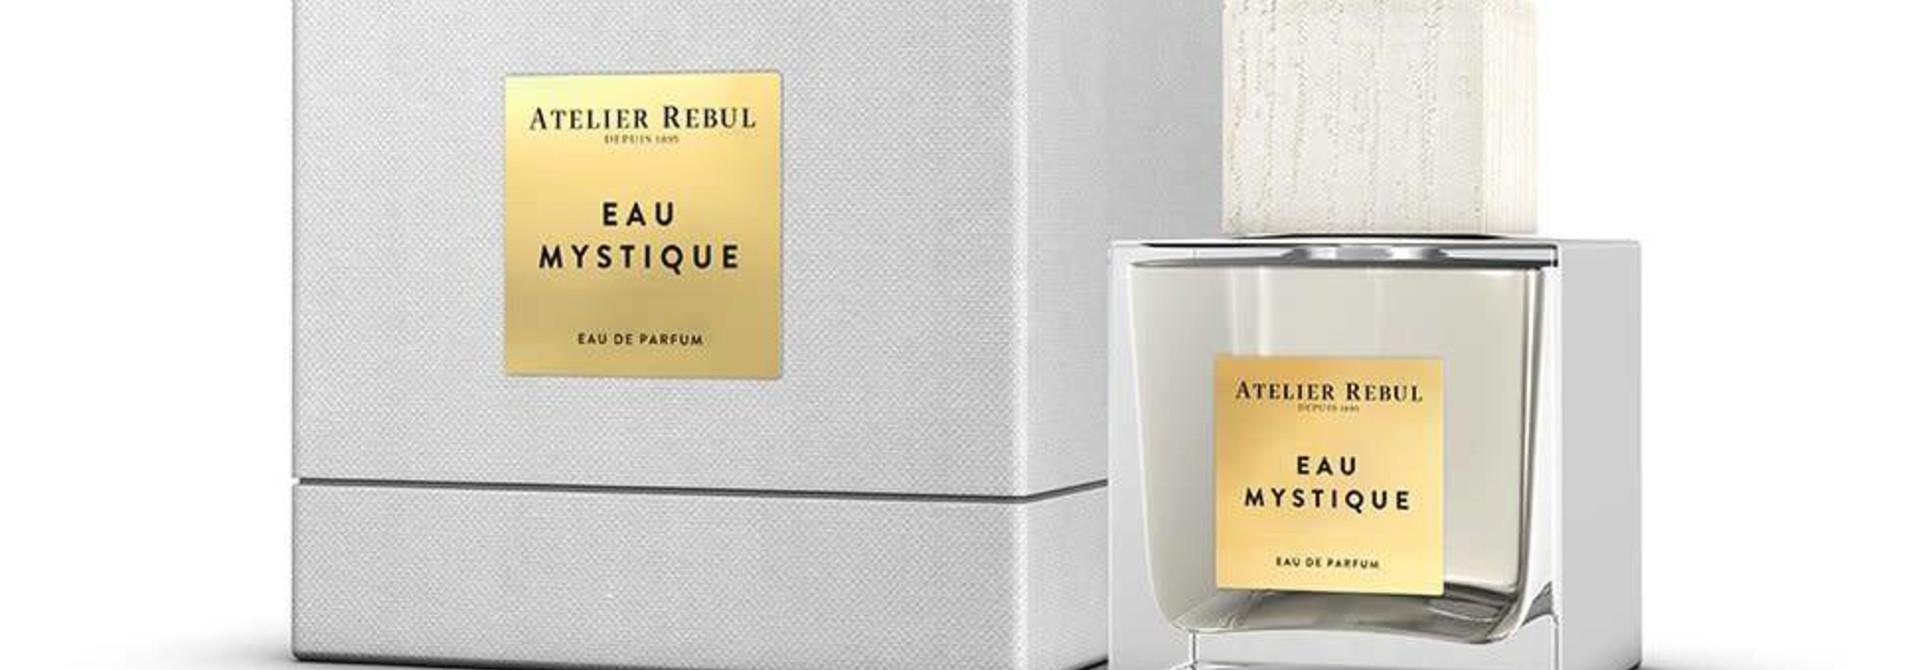 Eau mystique eau de parfum atelier Rebul 100ml